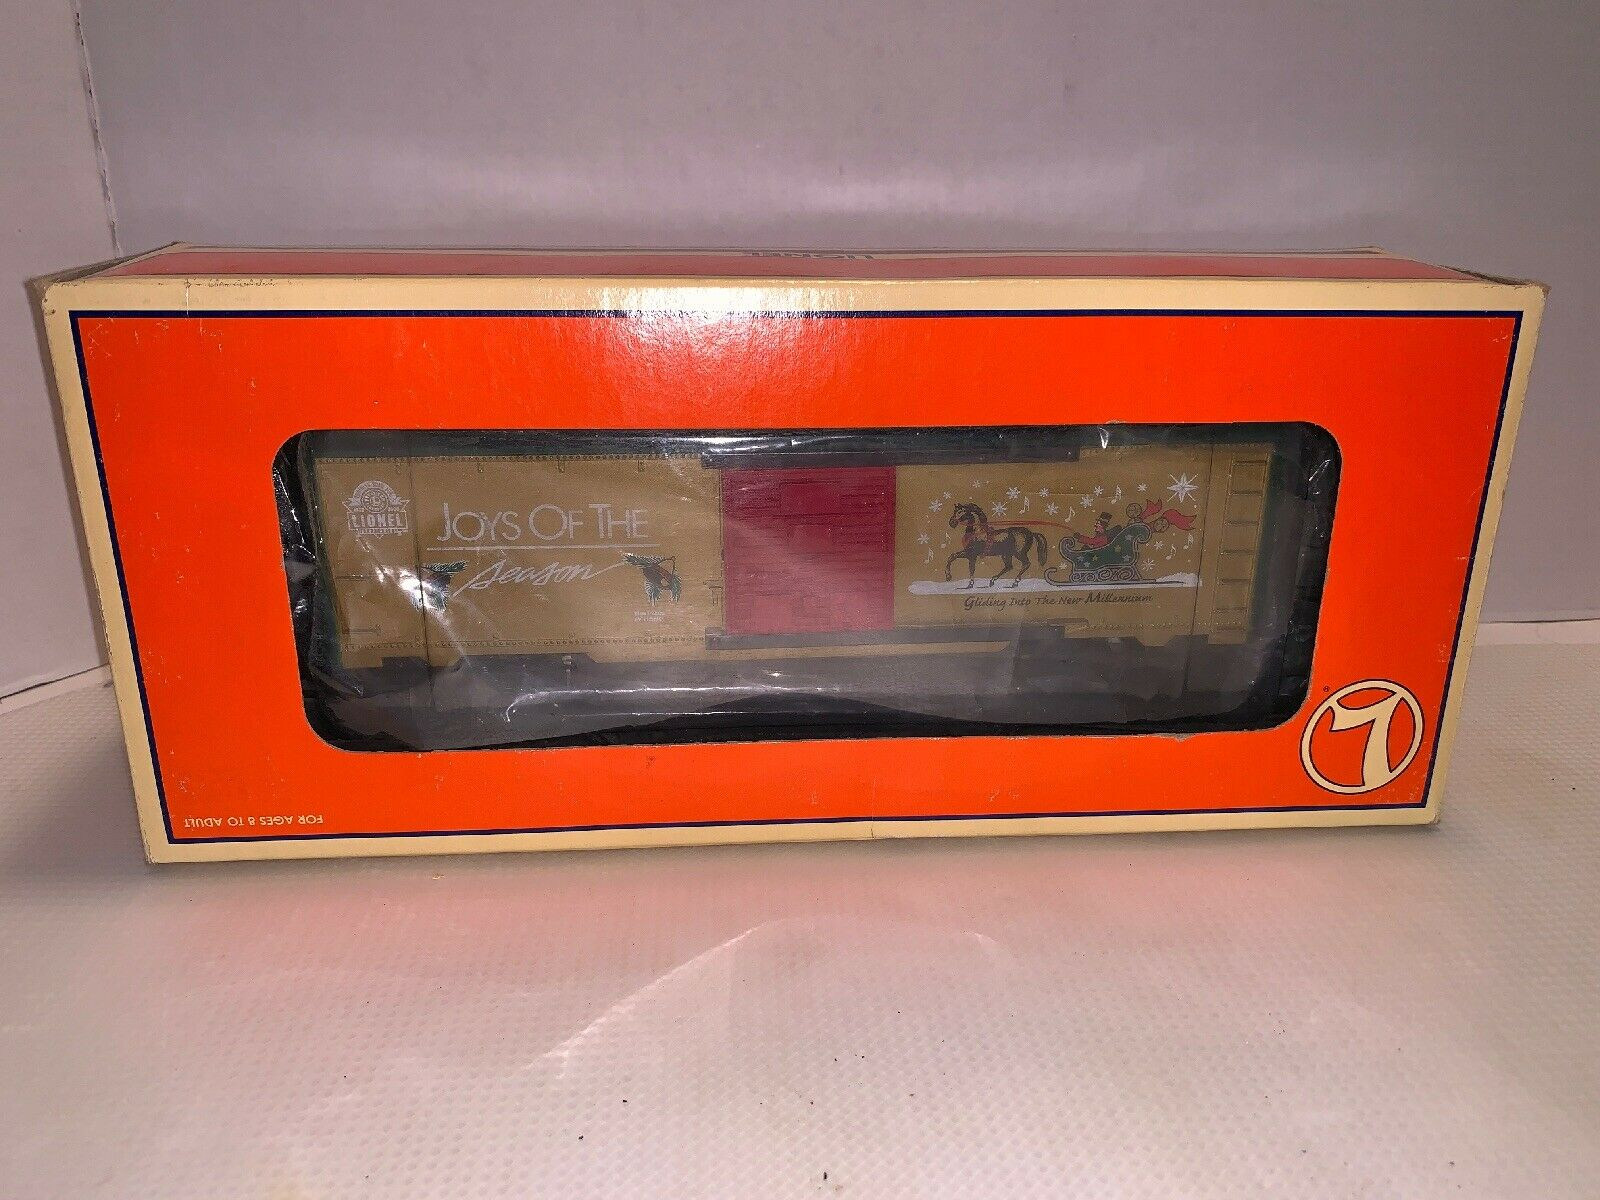 Lionel 626718 oro musica natalizia railsuonos scatolaauto 2000